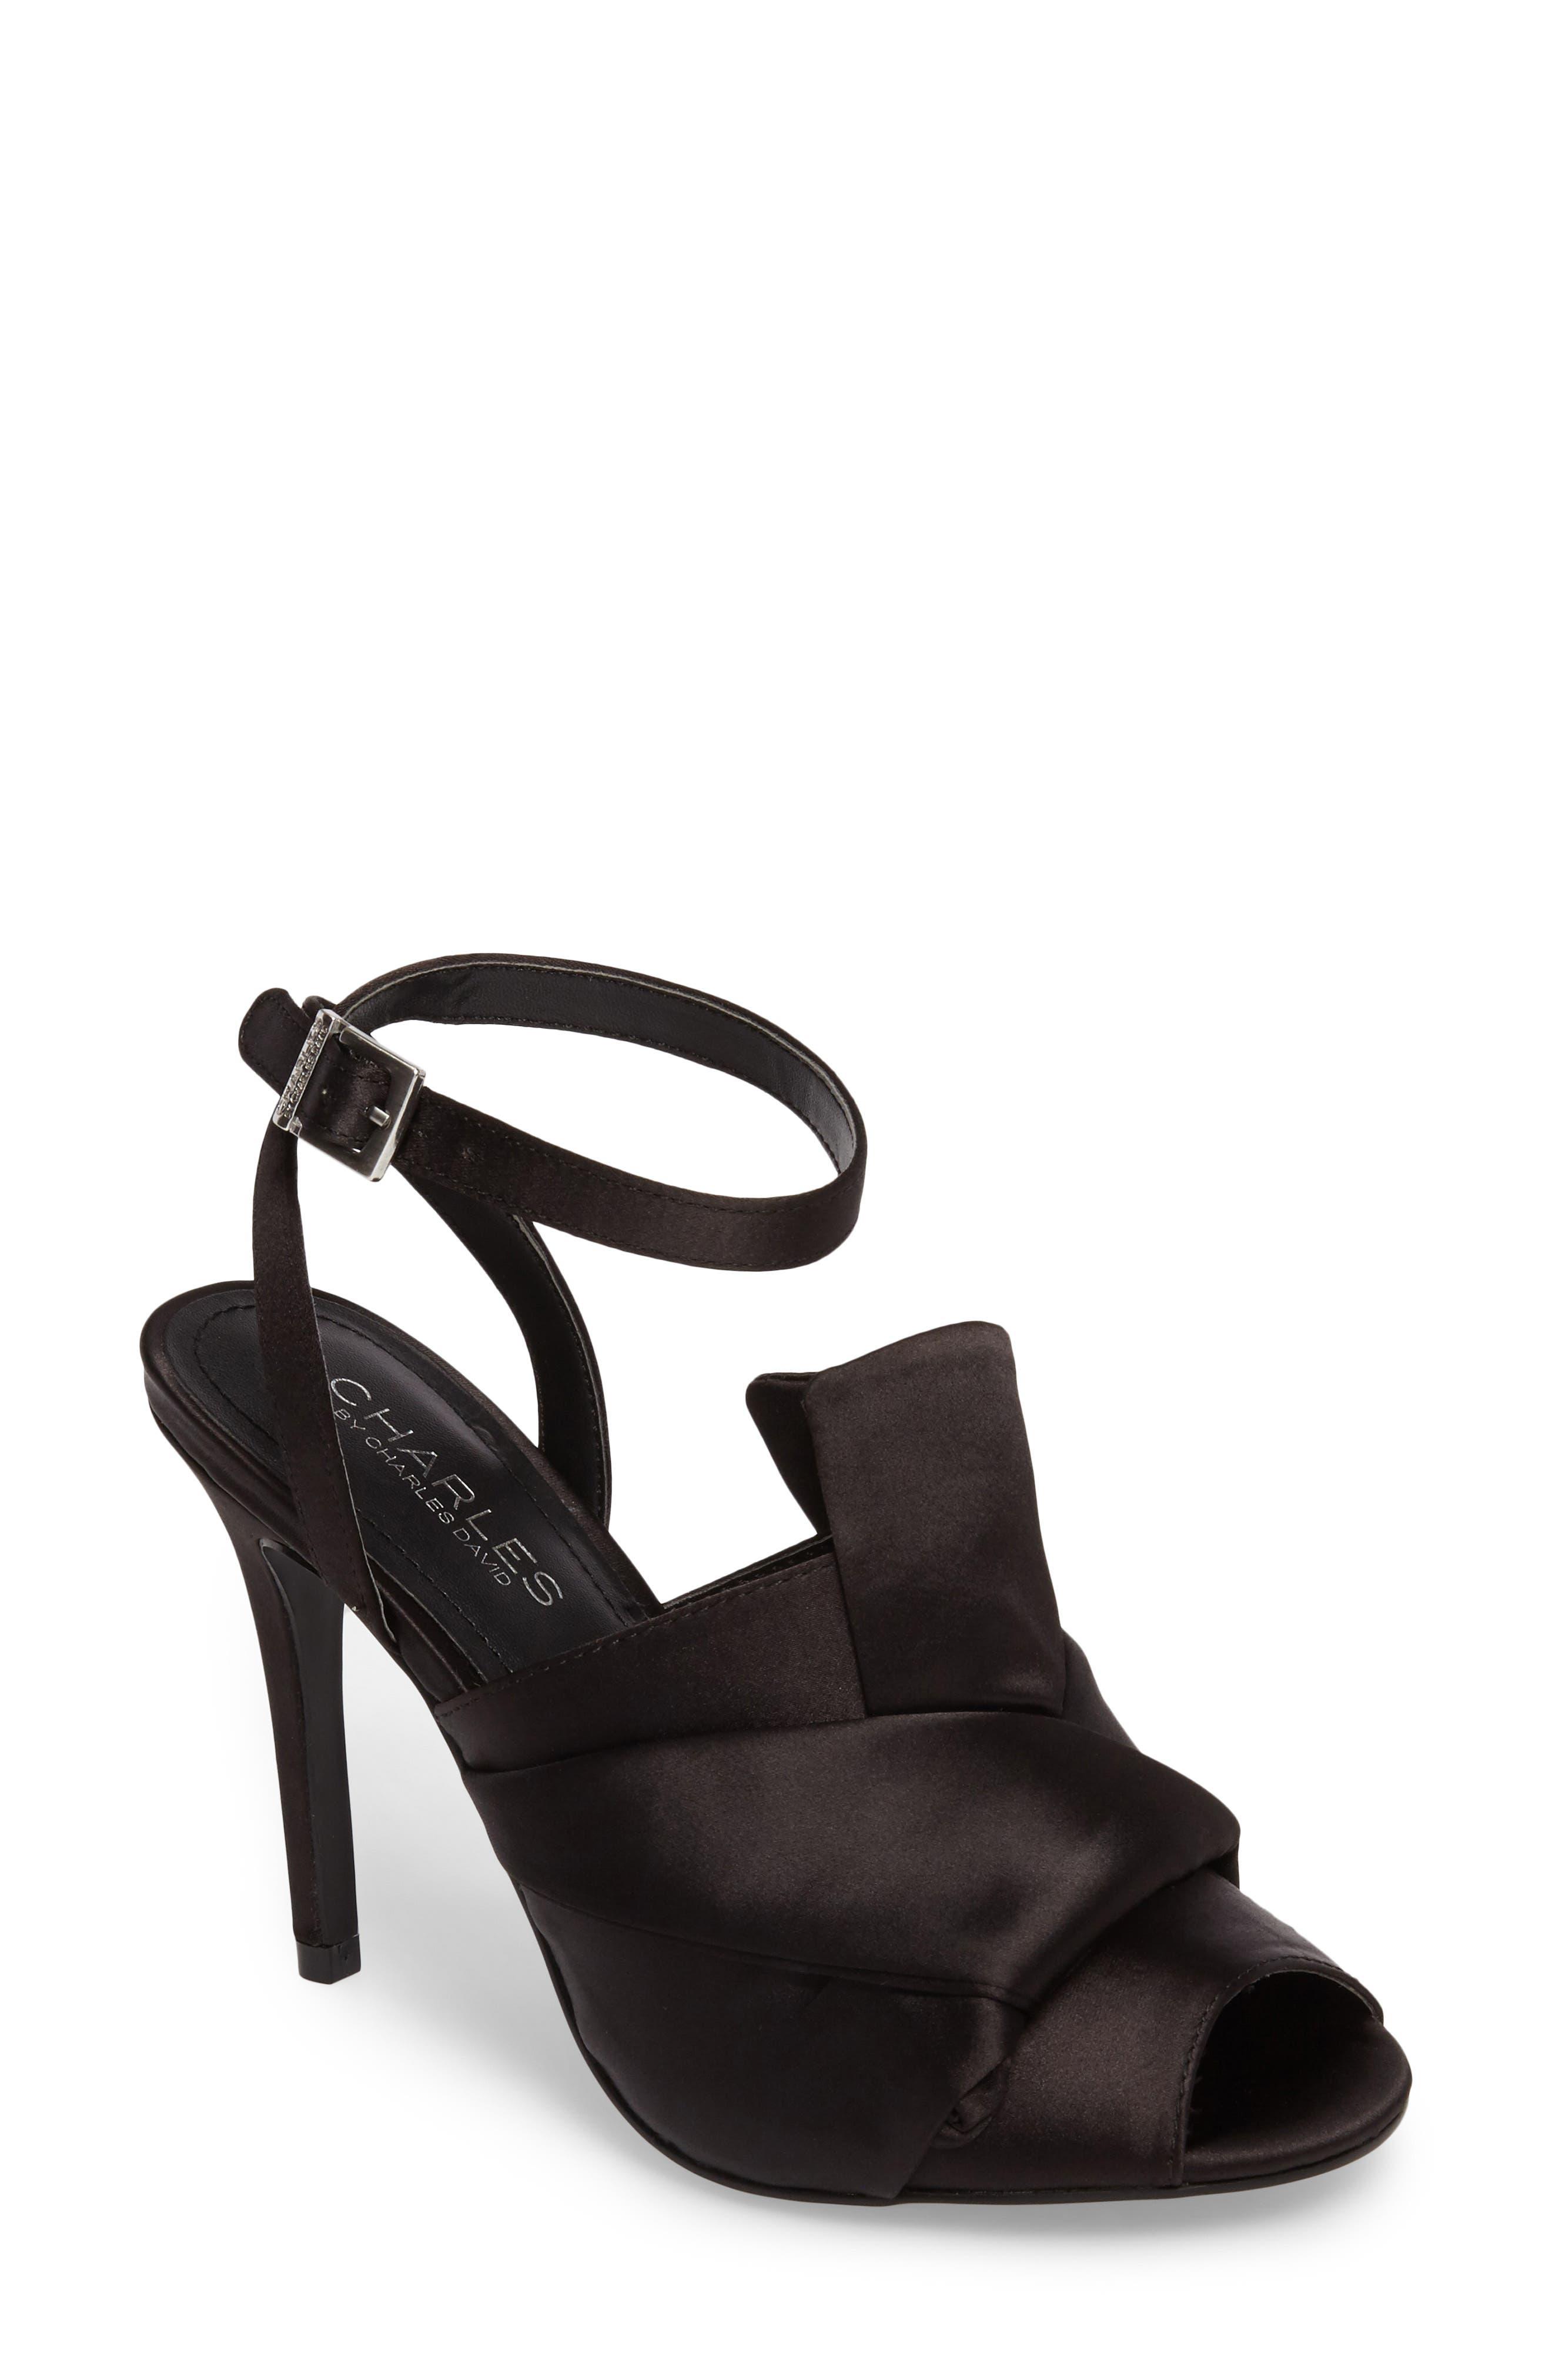 Rachel Ankle Strap Sandal,                         Main,                         color,